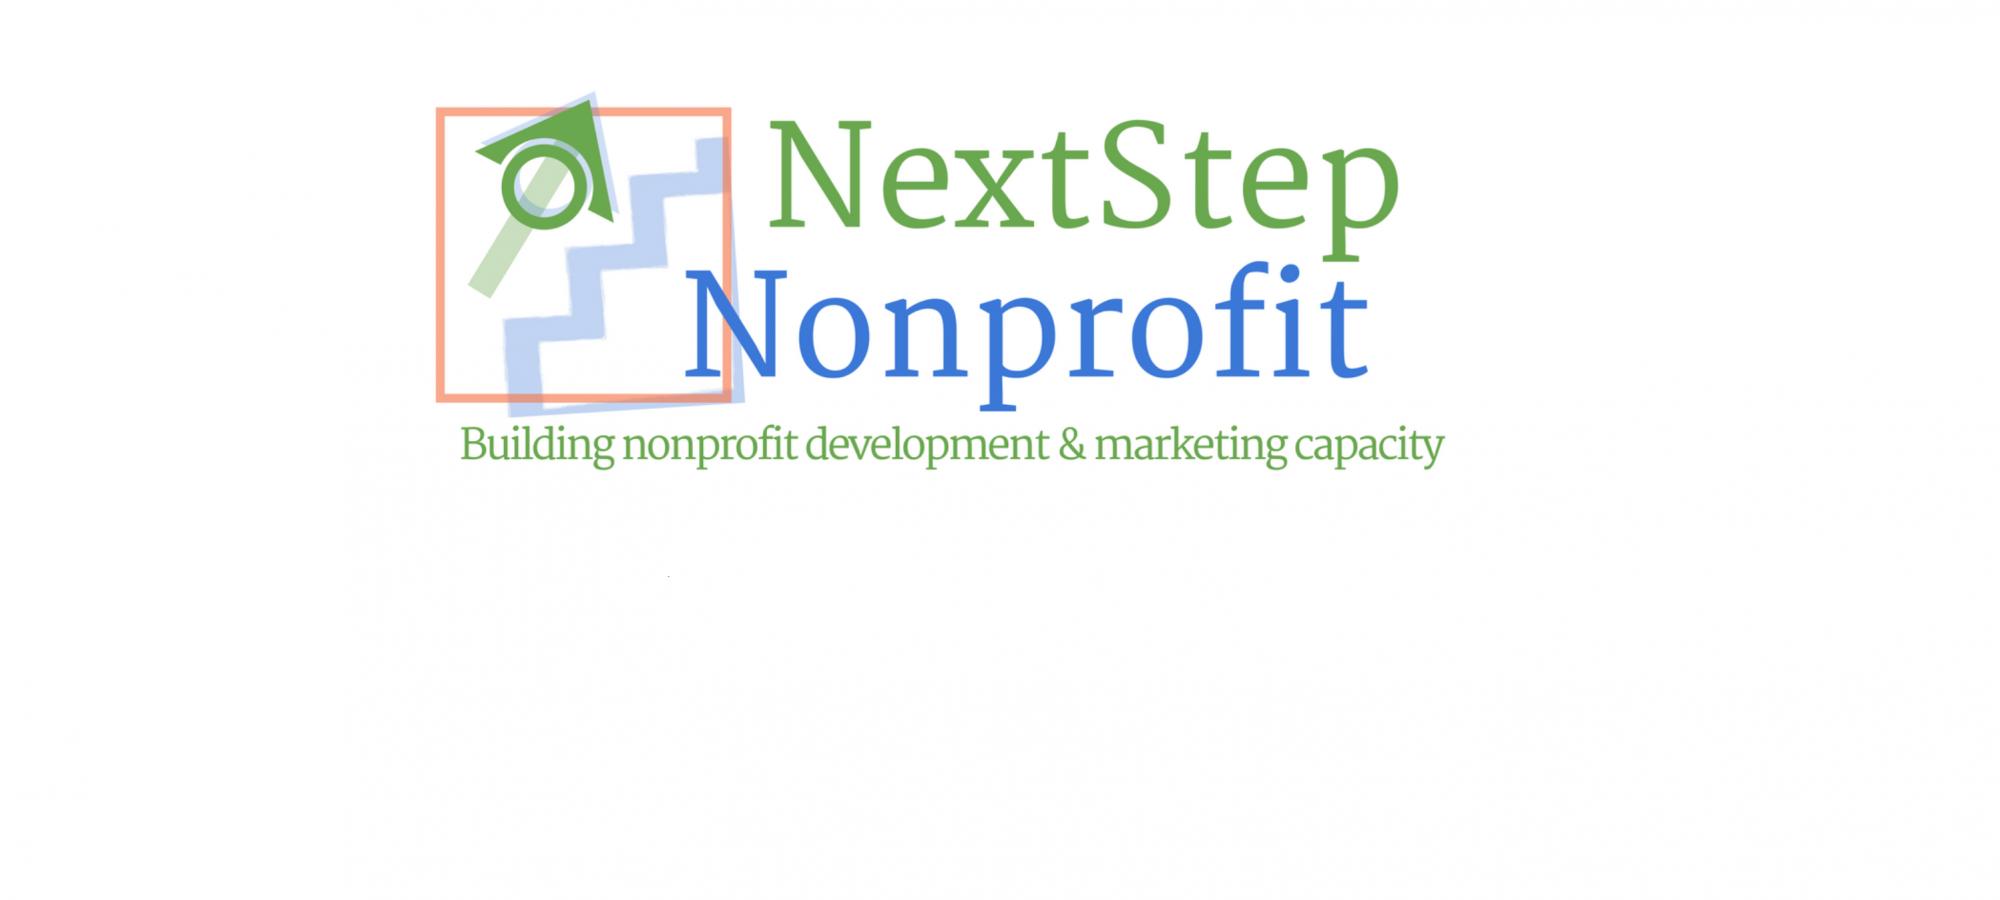 NextStep Nonprofit